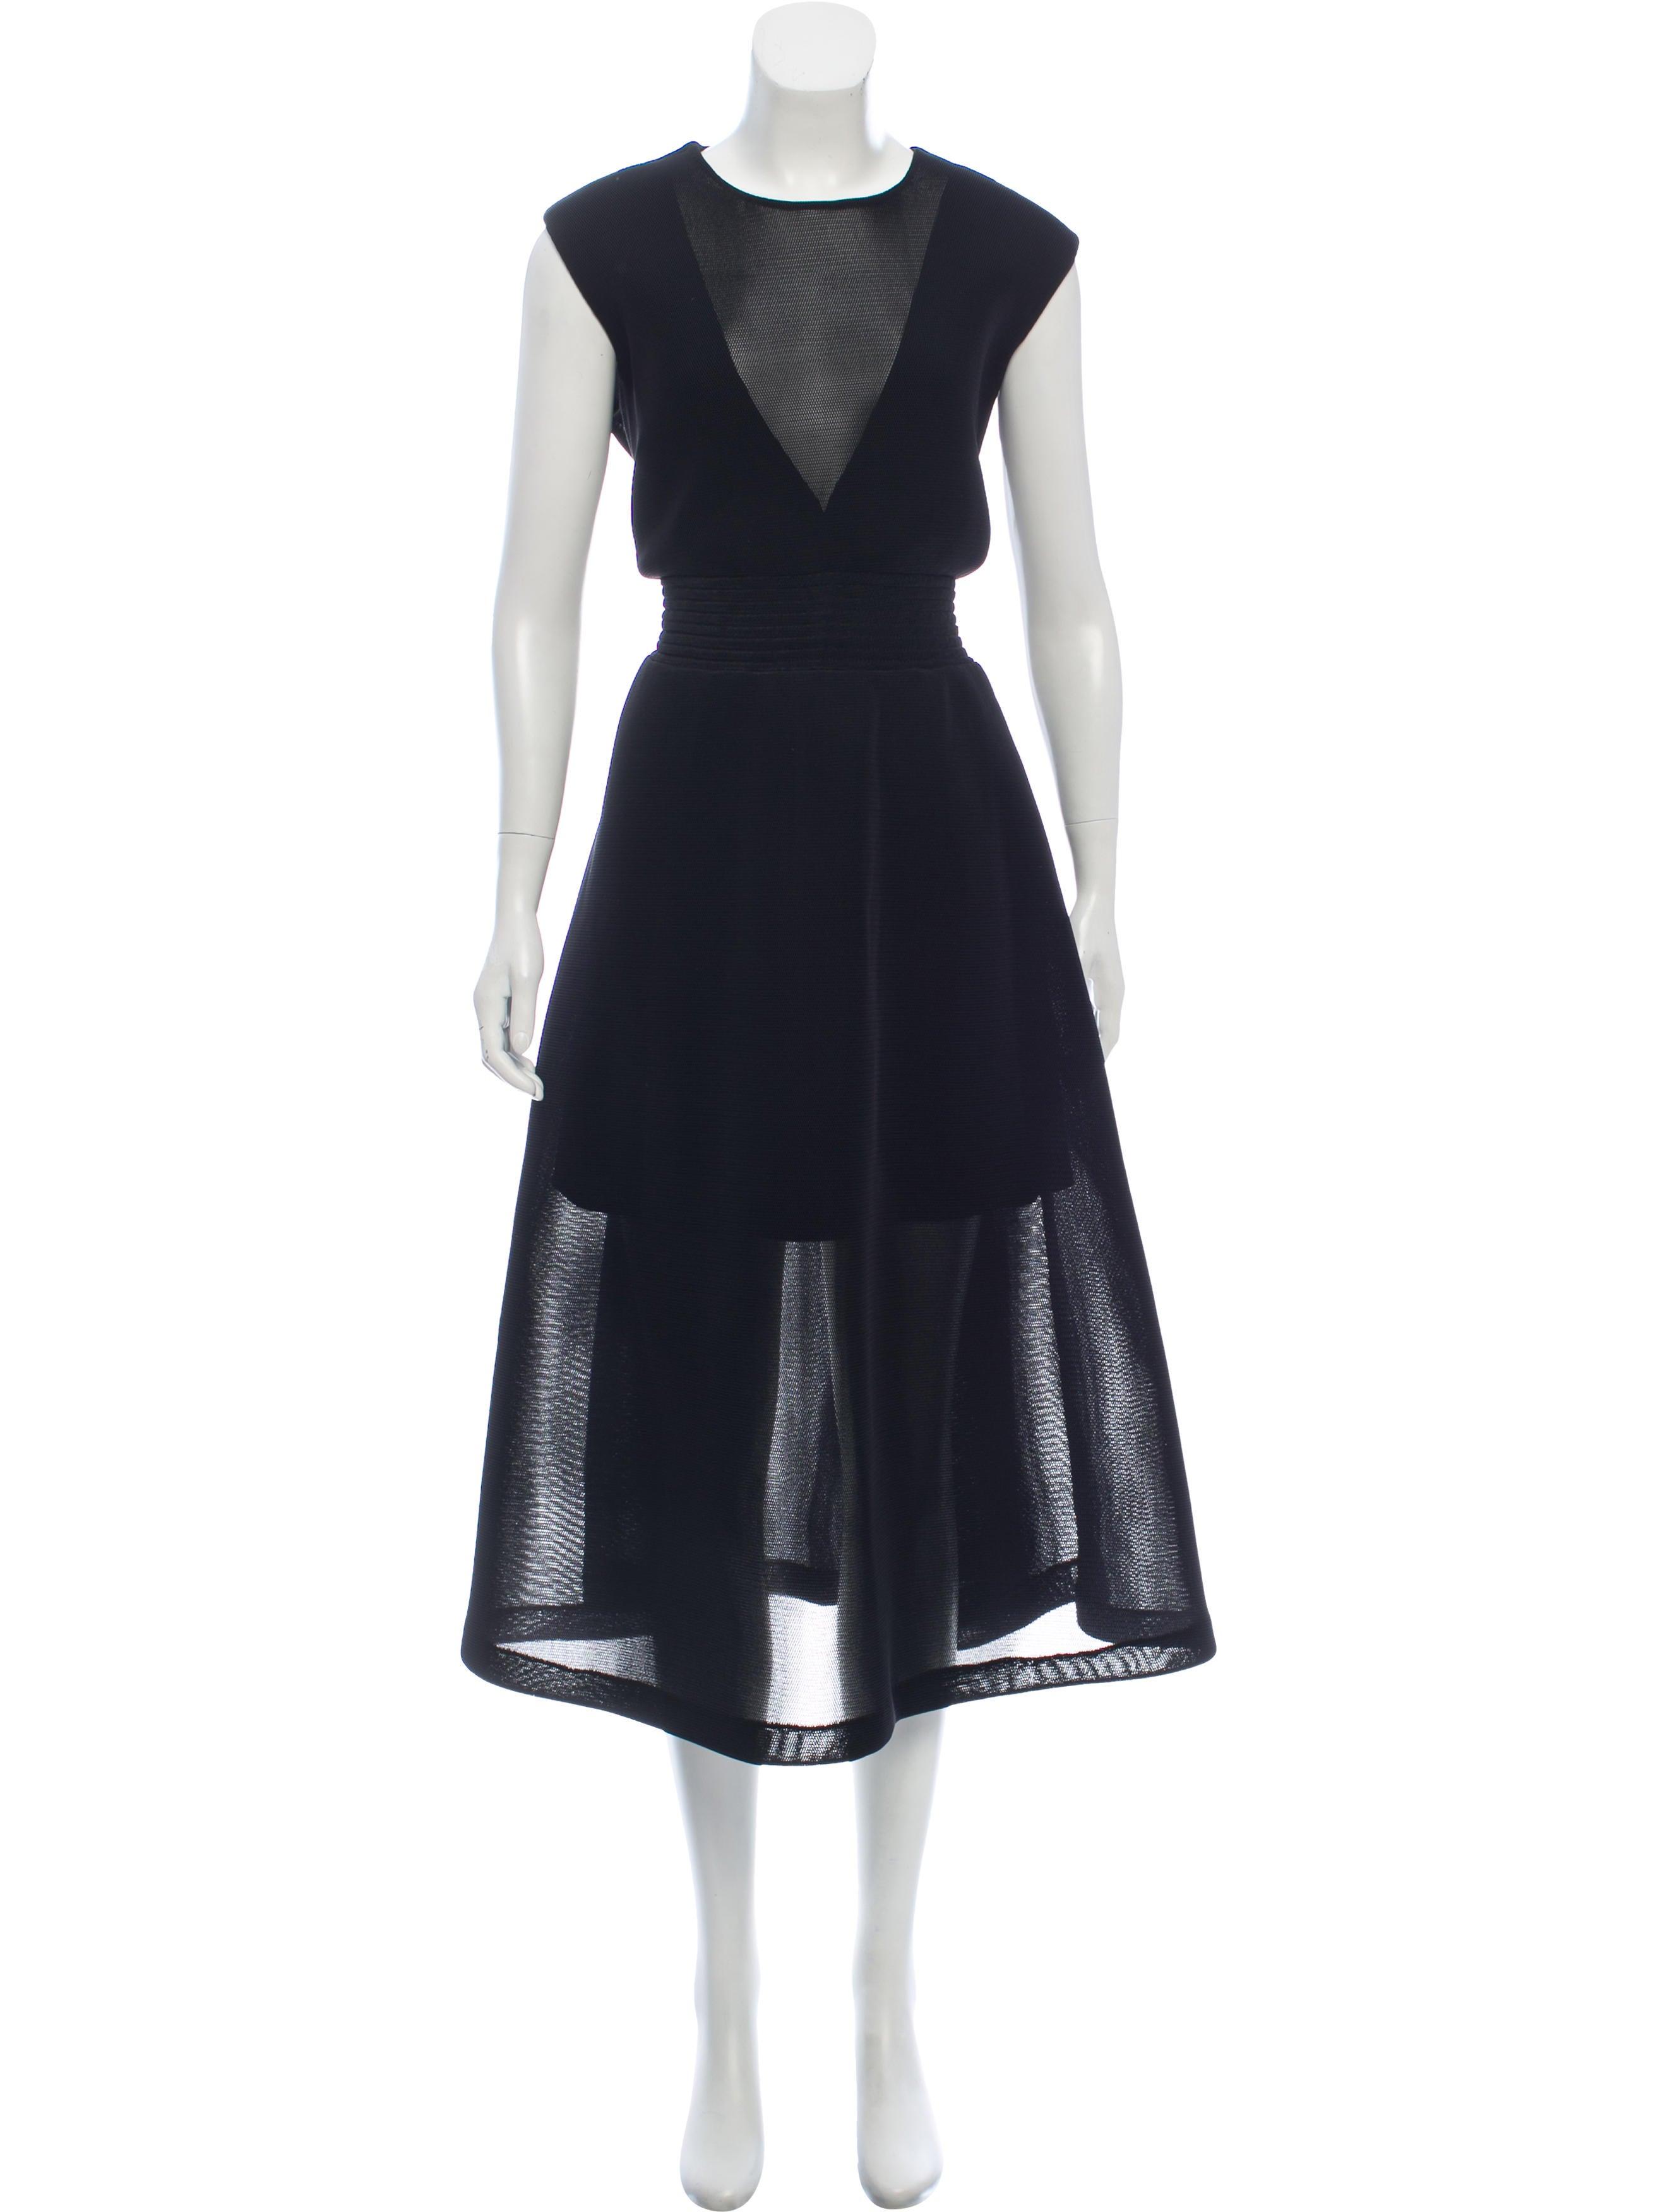 32c9976001 Theyskens' Theory Sleeveless Midi Dress - Clothing - WTHYS26771 ...